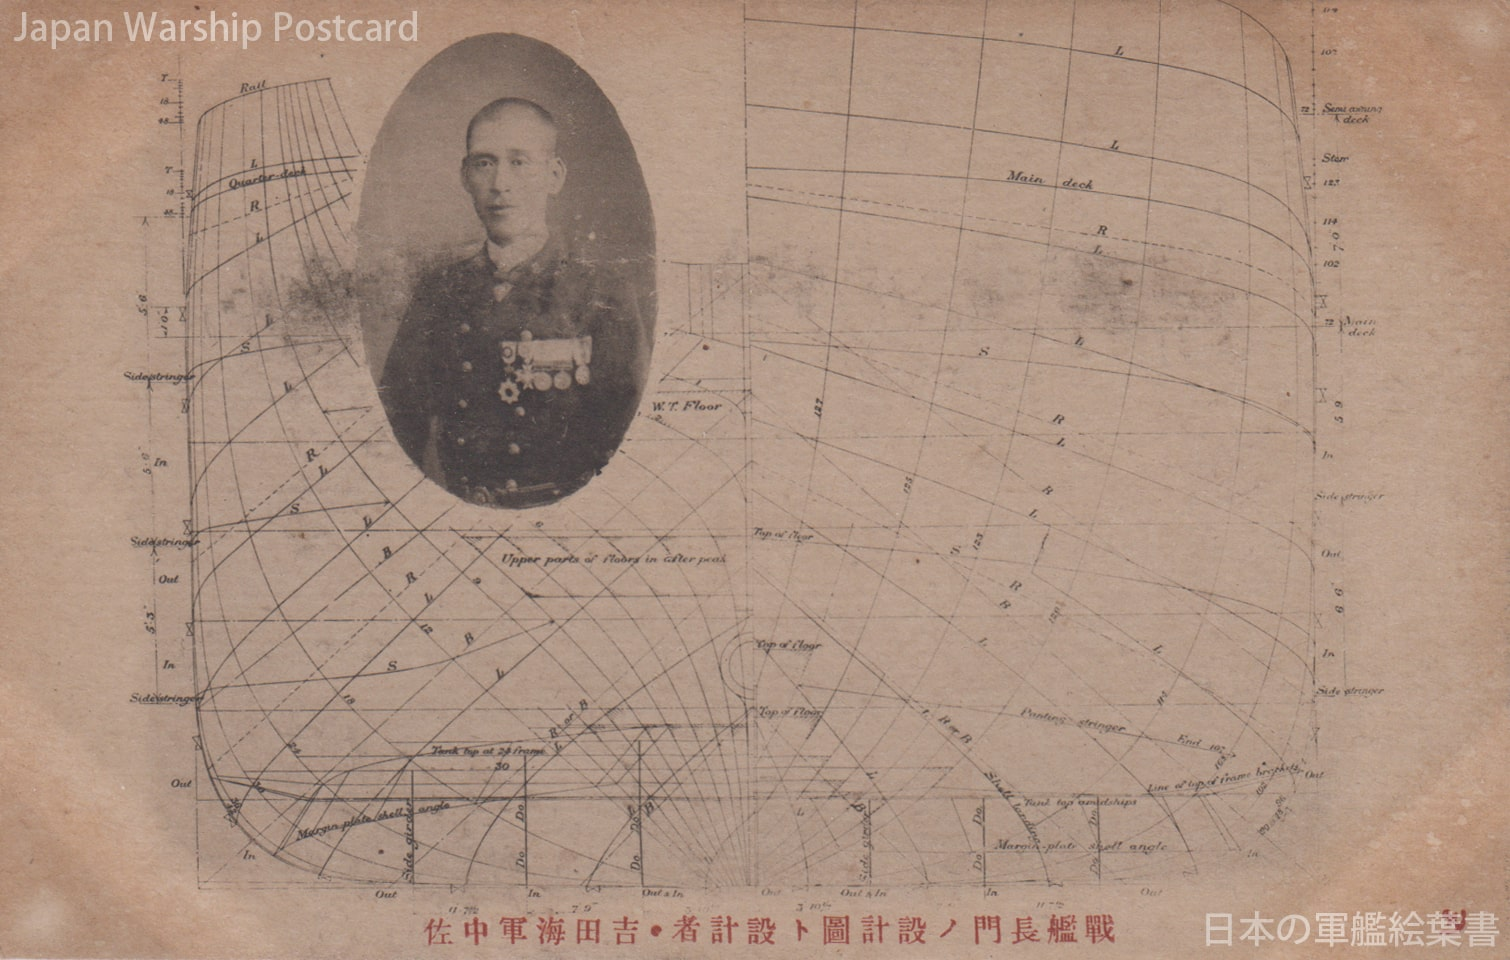 戦艦長門ノ設計図ト設計者・吉田海軍中佐